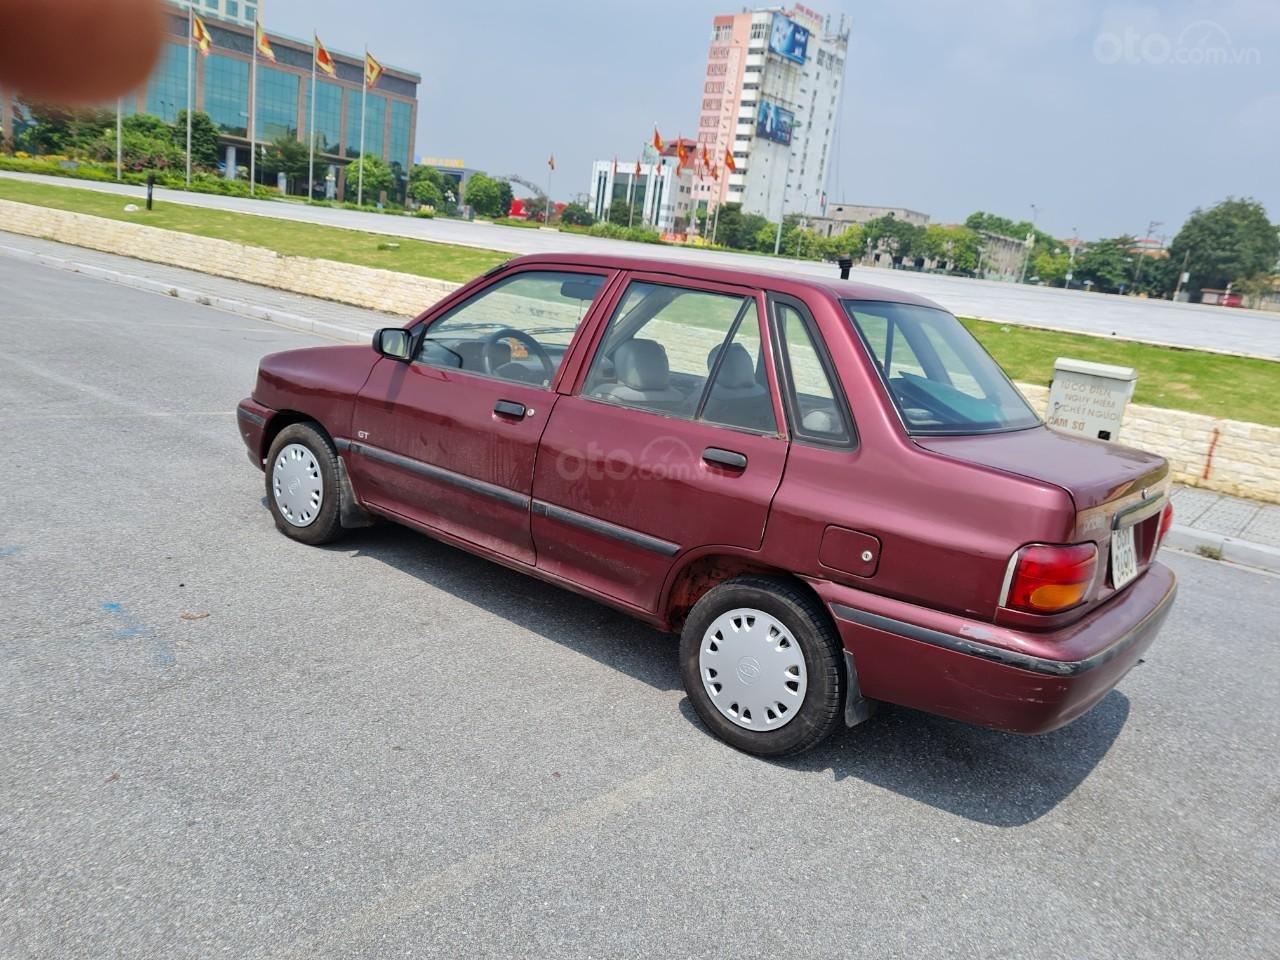 Cần bán Kia Pride GTL, SX 2001, máy xăng, nhập khẩu, đã chạy 80000km, xăng 6 L/100km, nội thất màu ghi, xe 5 cửa, máy 1.3 (2)